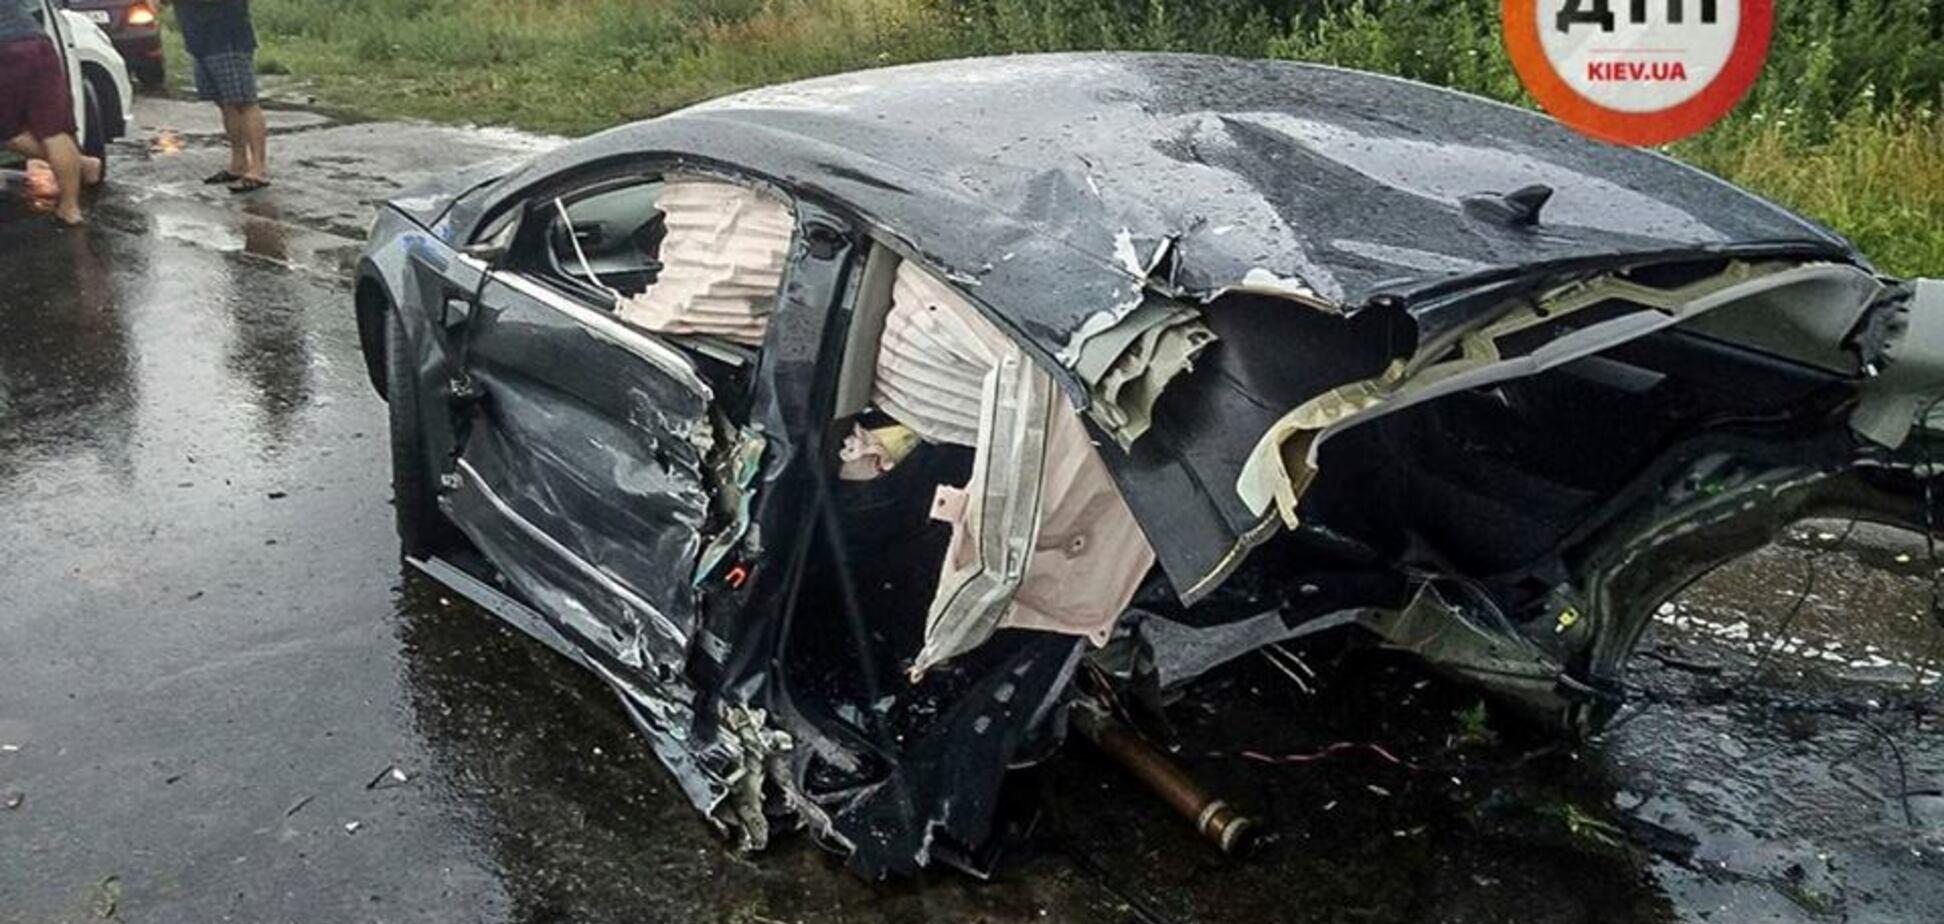 Розірвало навпіл: під Києвом сталася страшна ДТП з вантажівкою